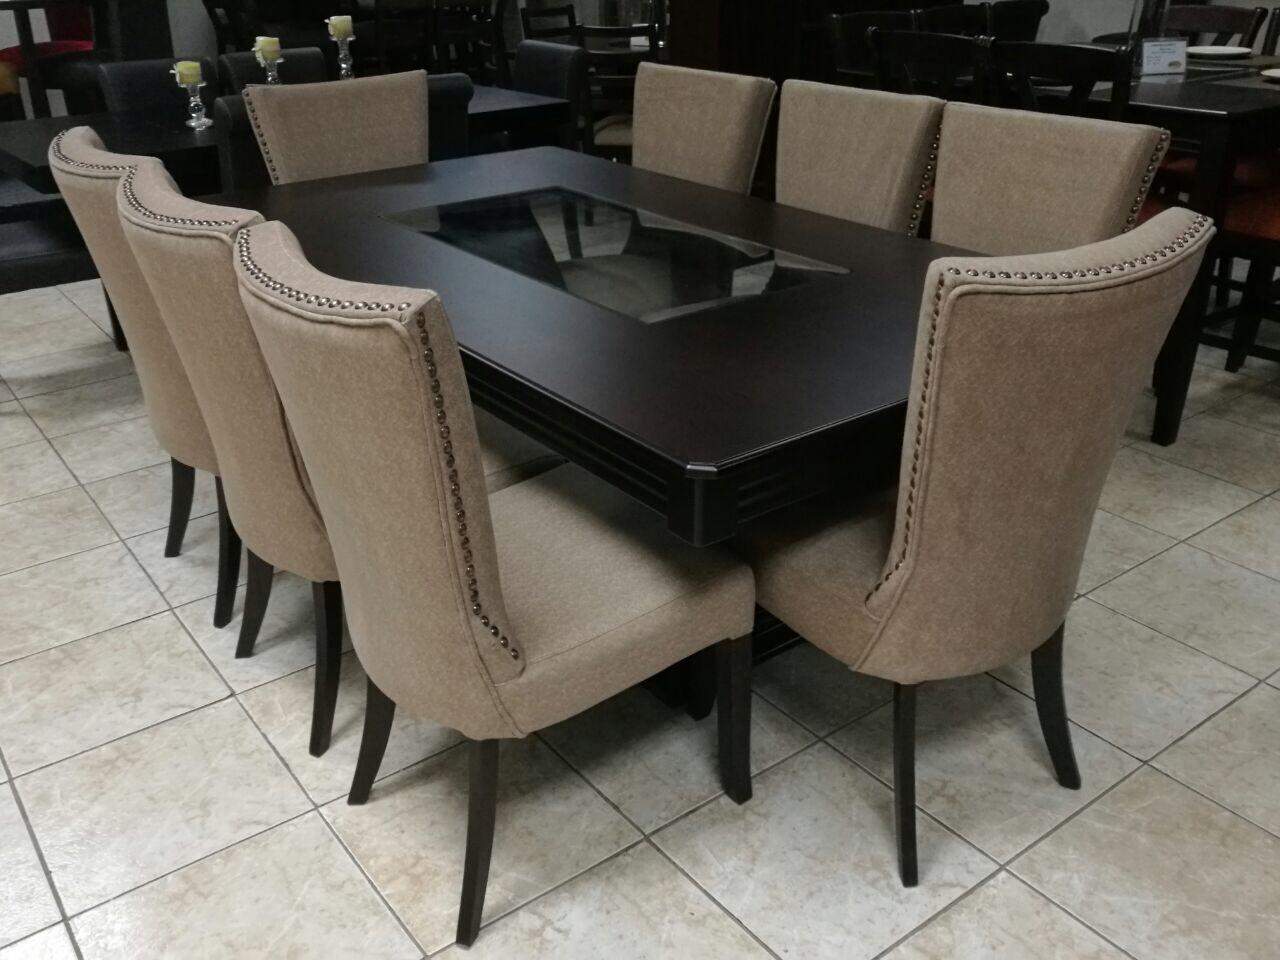 Guatemala muebles primiun productos comedores muebles for Ripley comedores 8 sillas